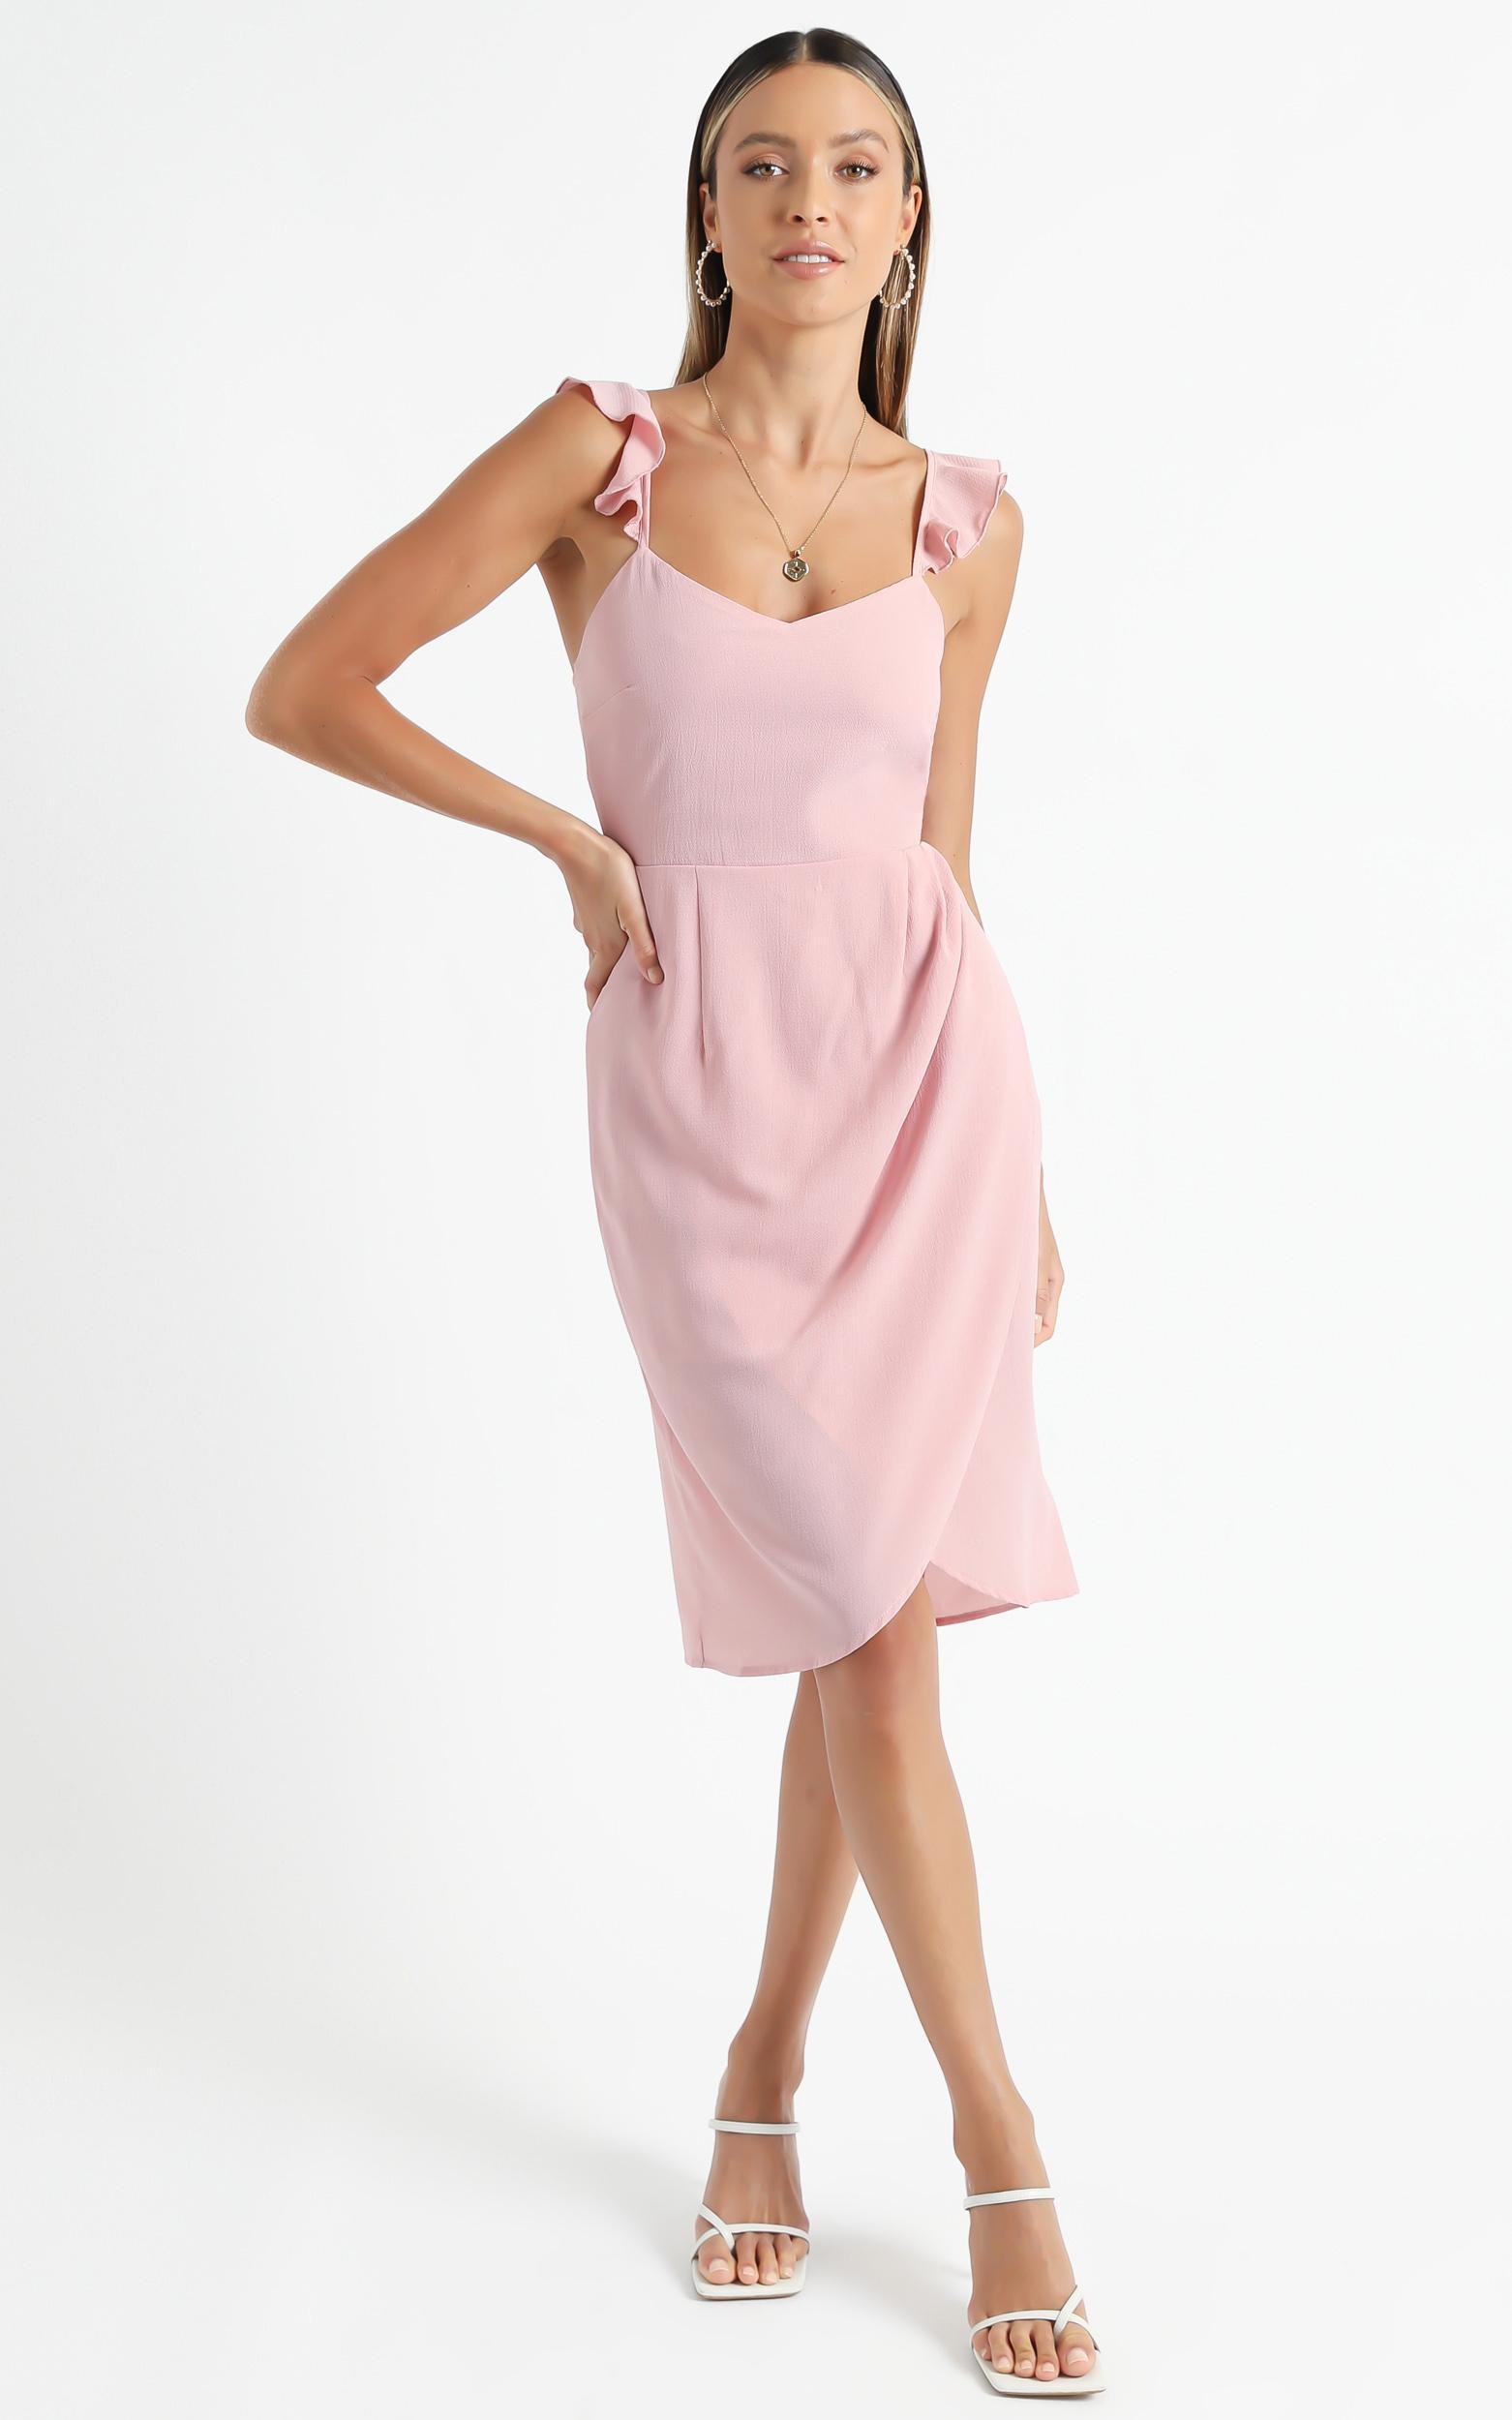 Sangria Dress in Blush - 6 (XS), Blush, hi-res image number null